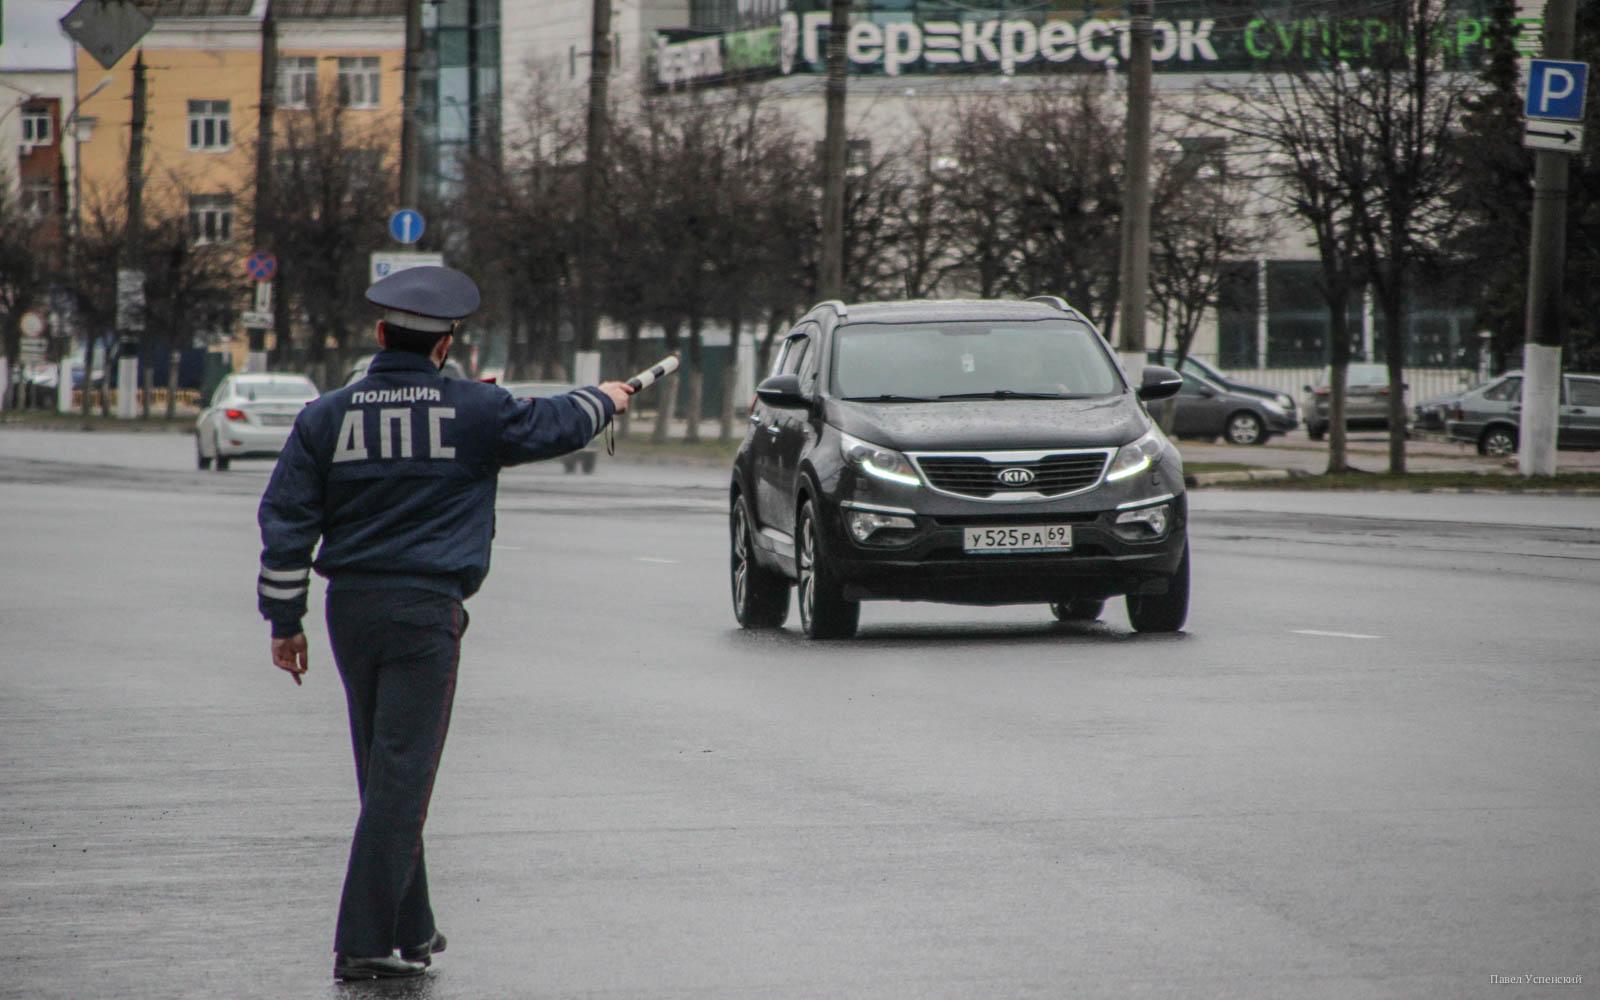 На дорогах Тверской области водителей будут проверять на трезвость - новости Афанасий